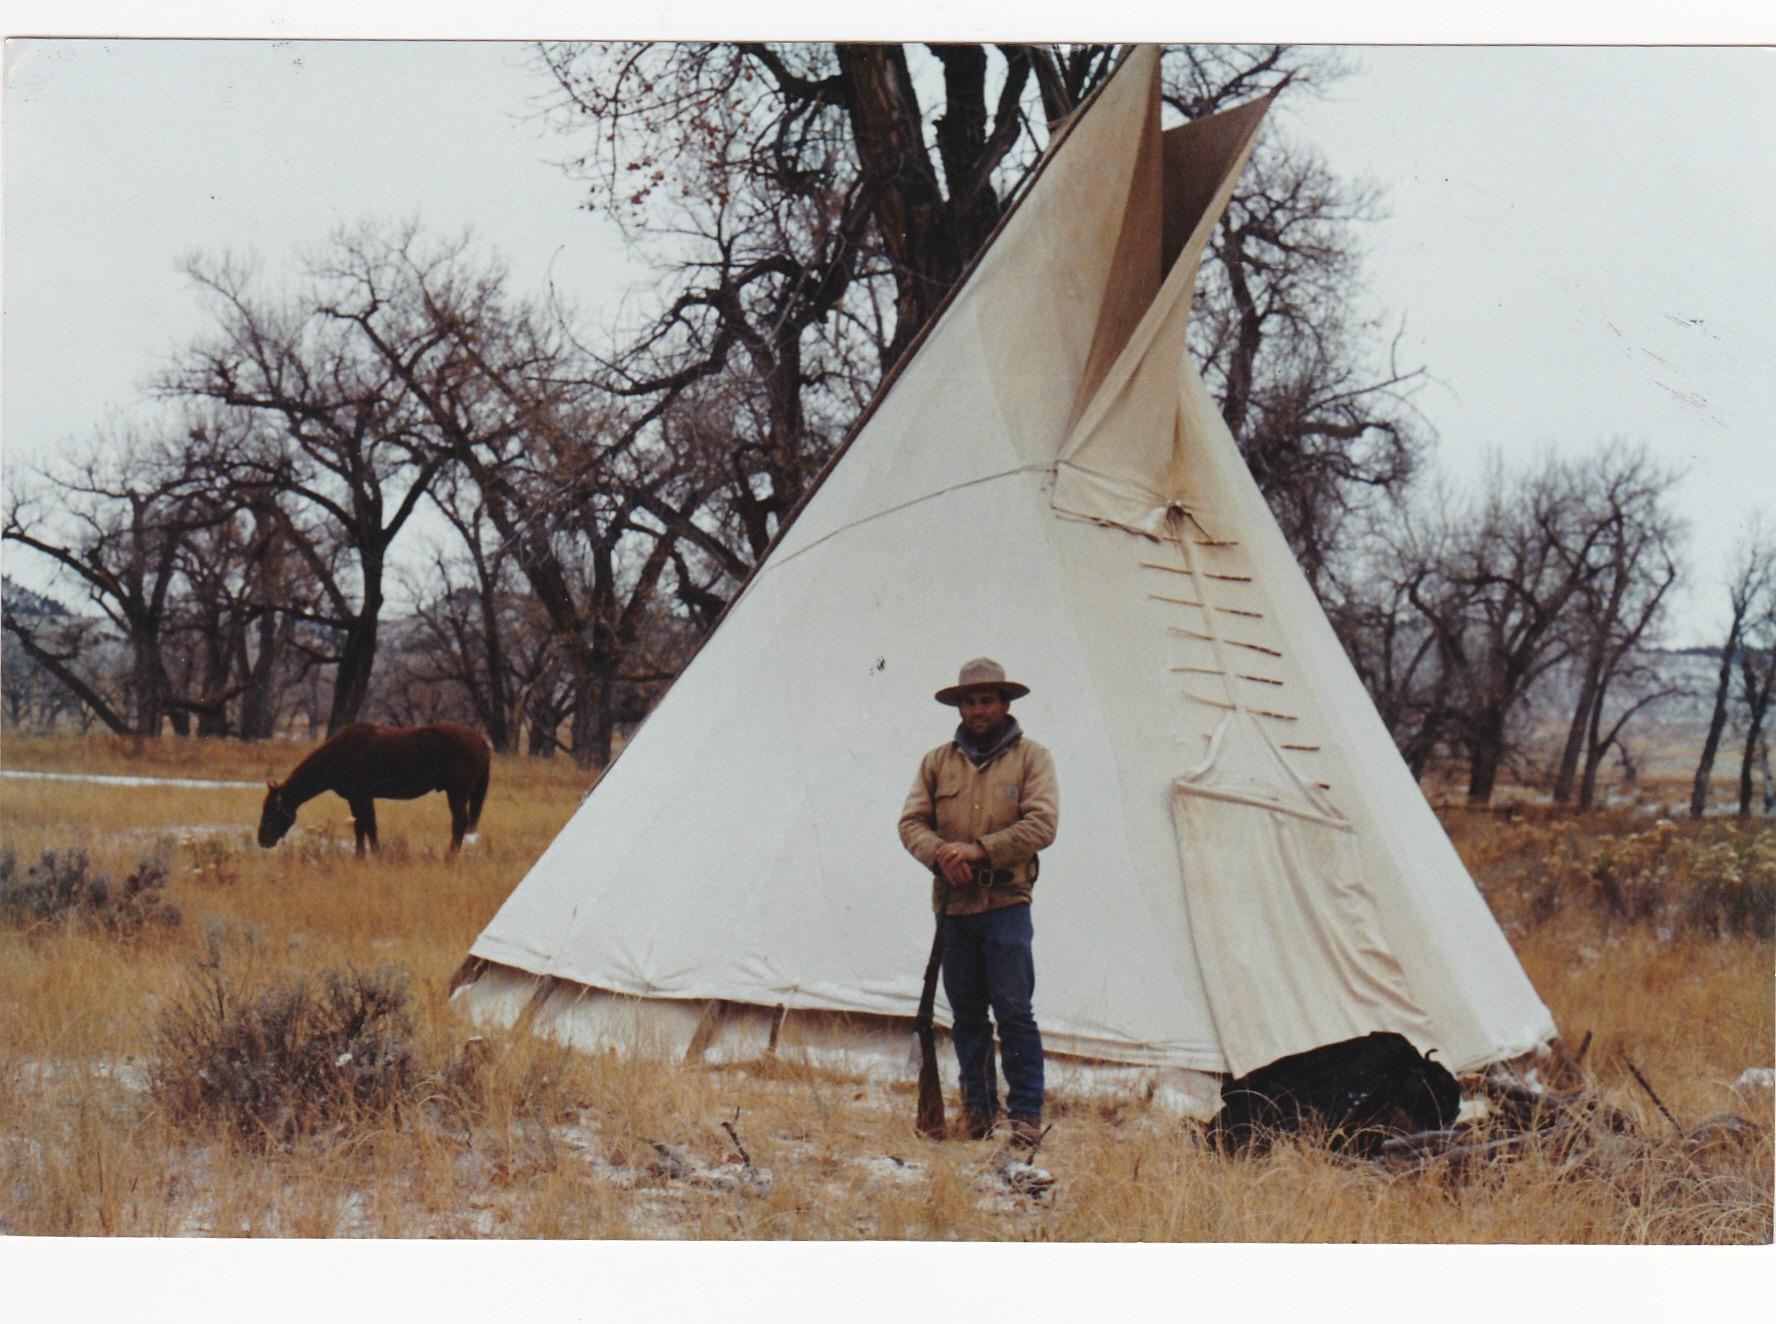 Montana_Buffalo_Hunt_Teepee